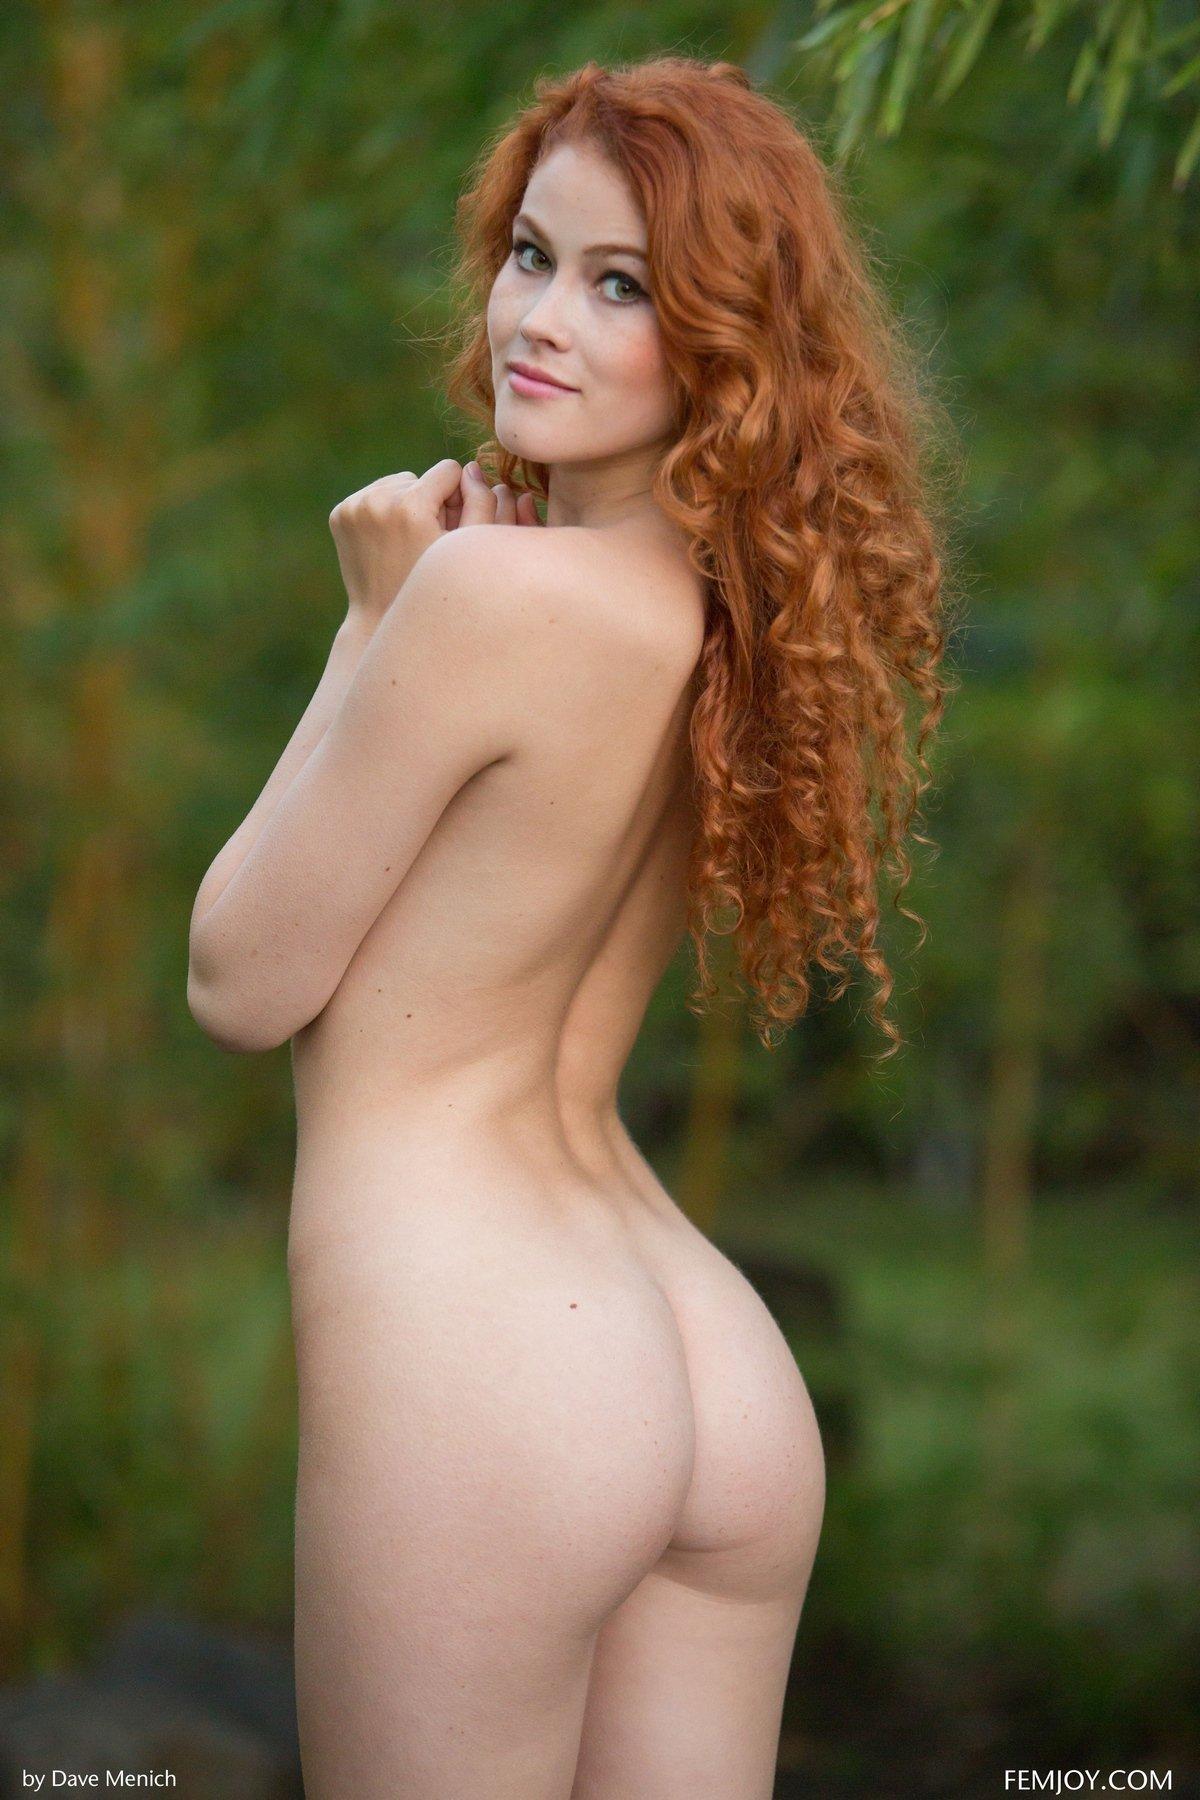 Милая рыжая деваха в зеленых зарослях